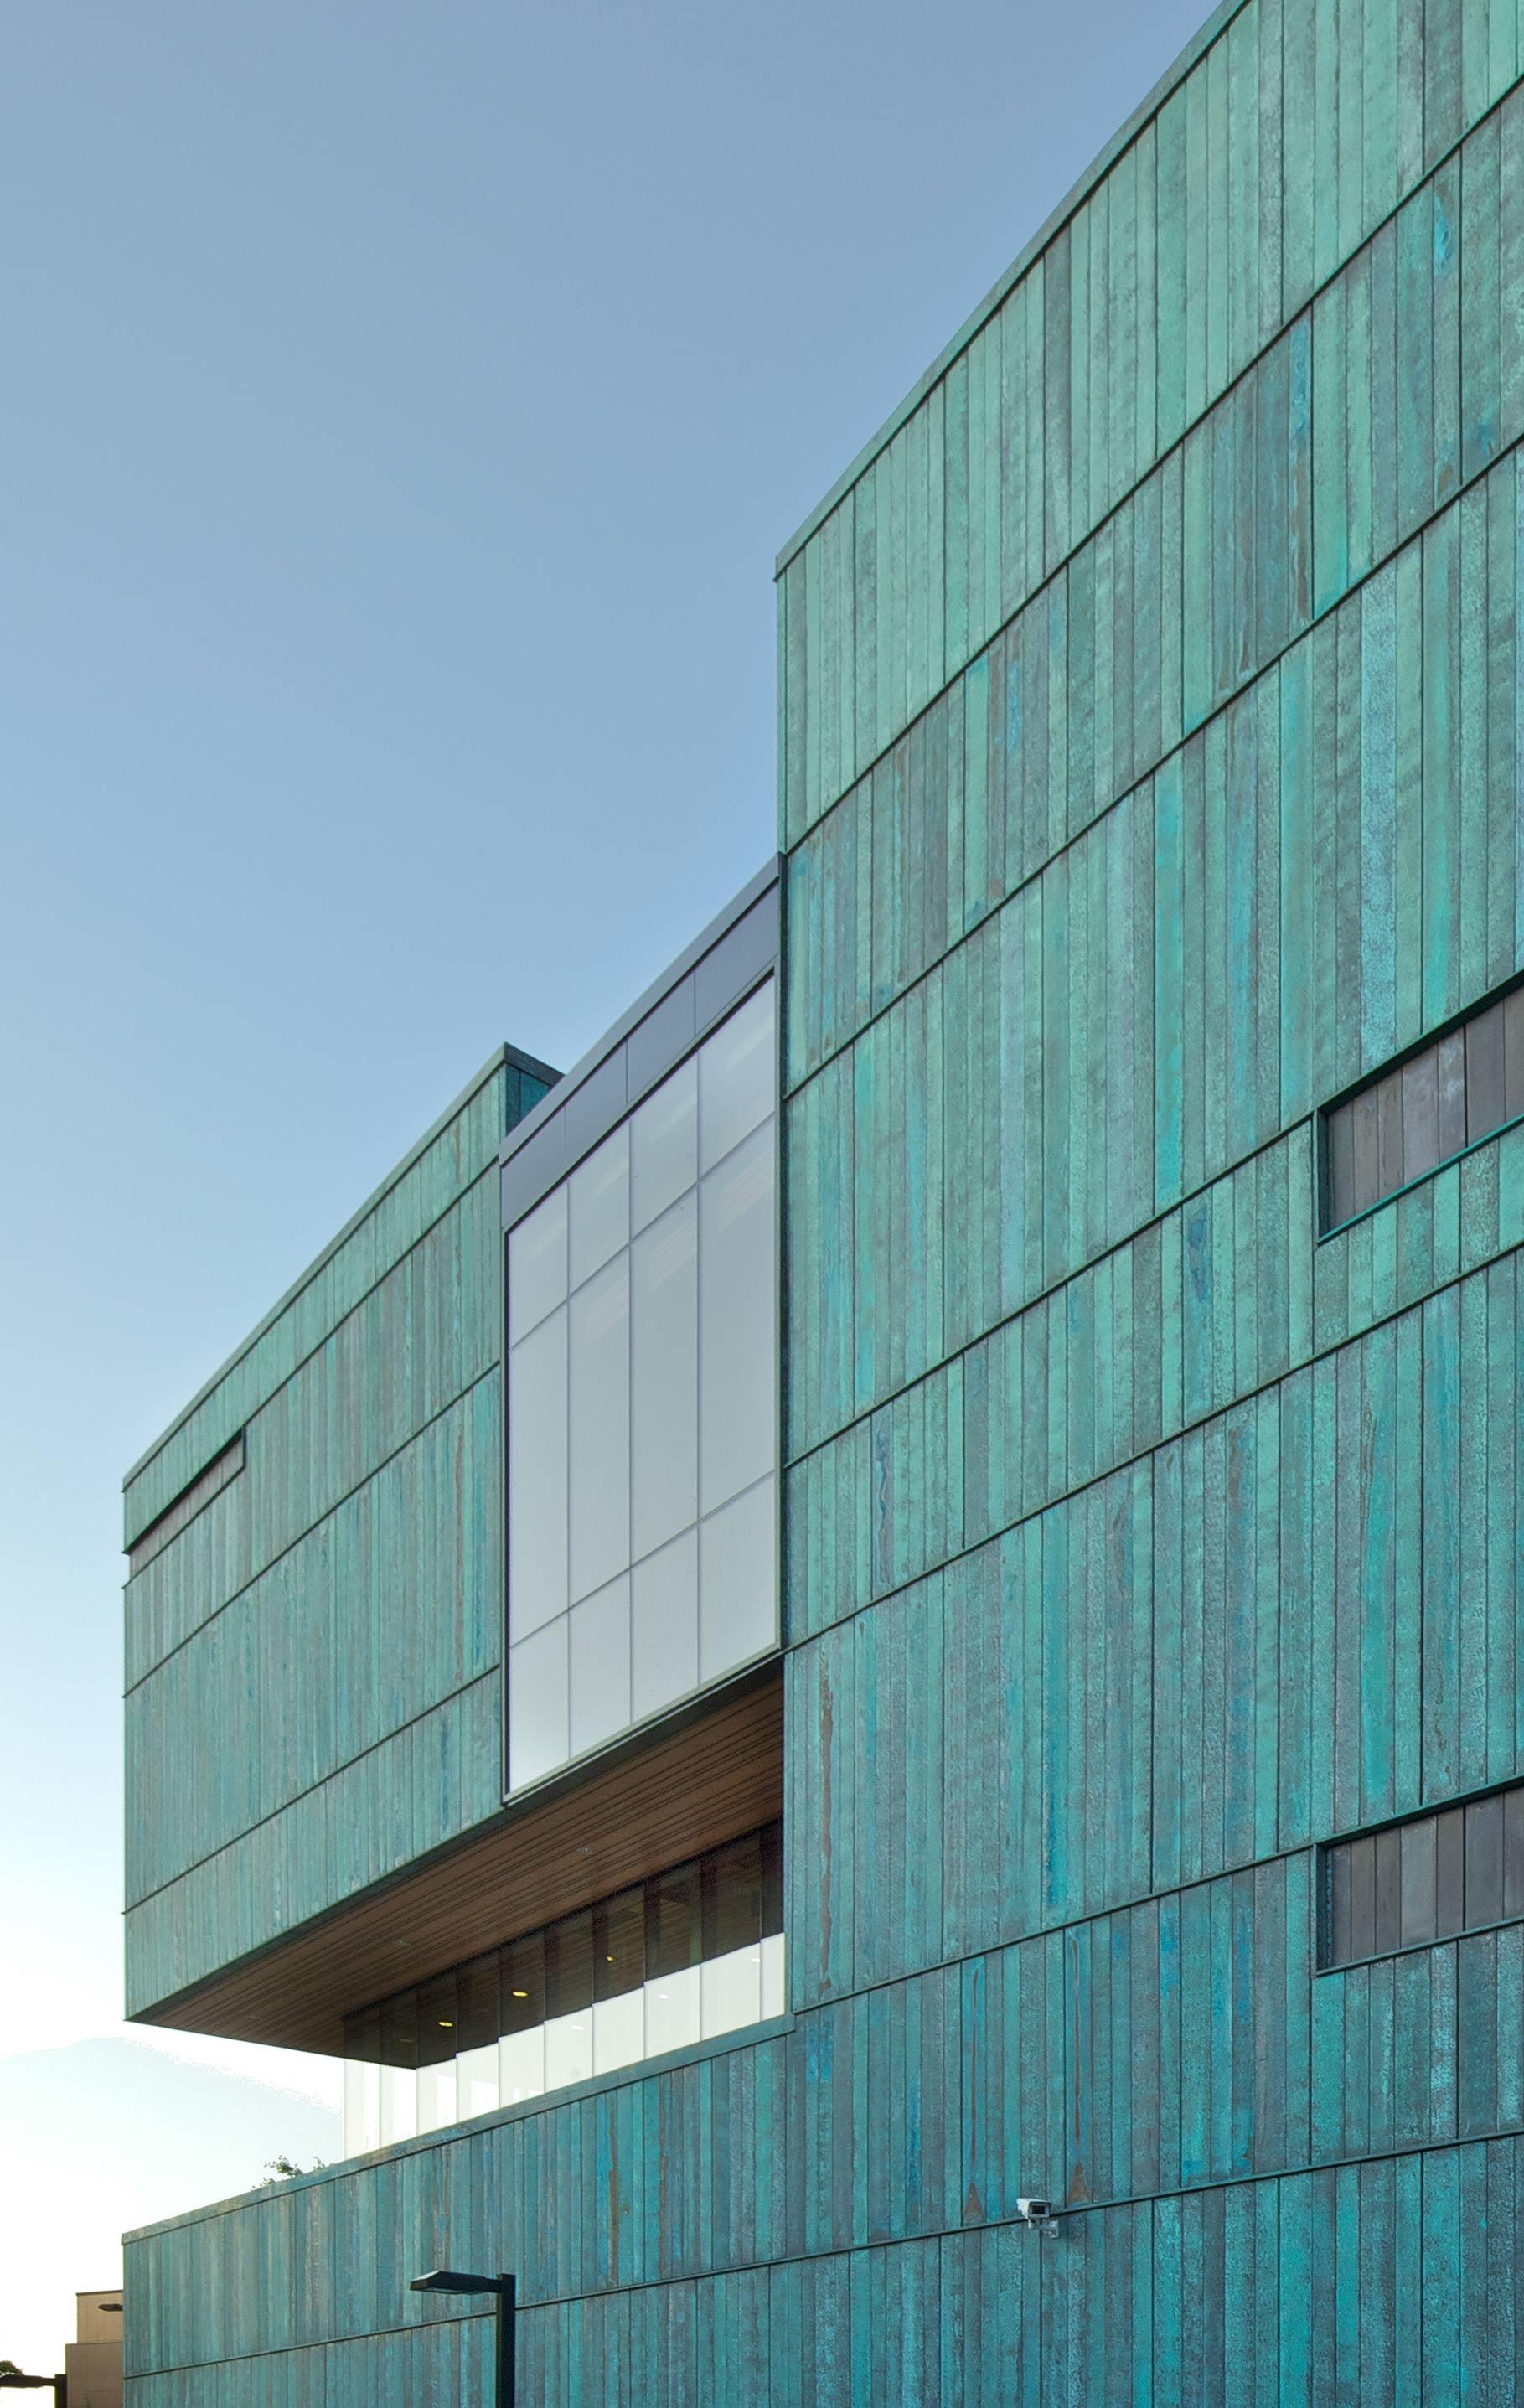 Detail of the exterior copper facade.